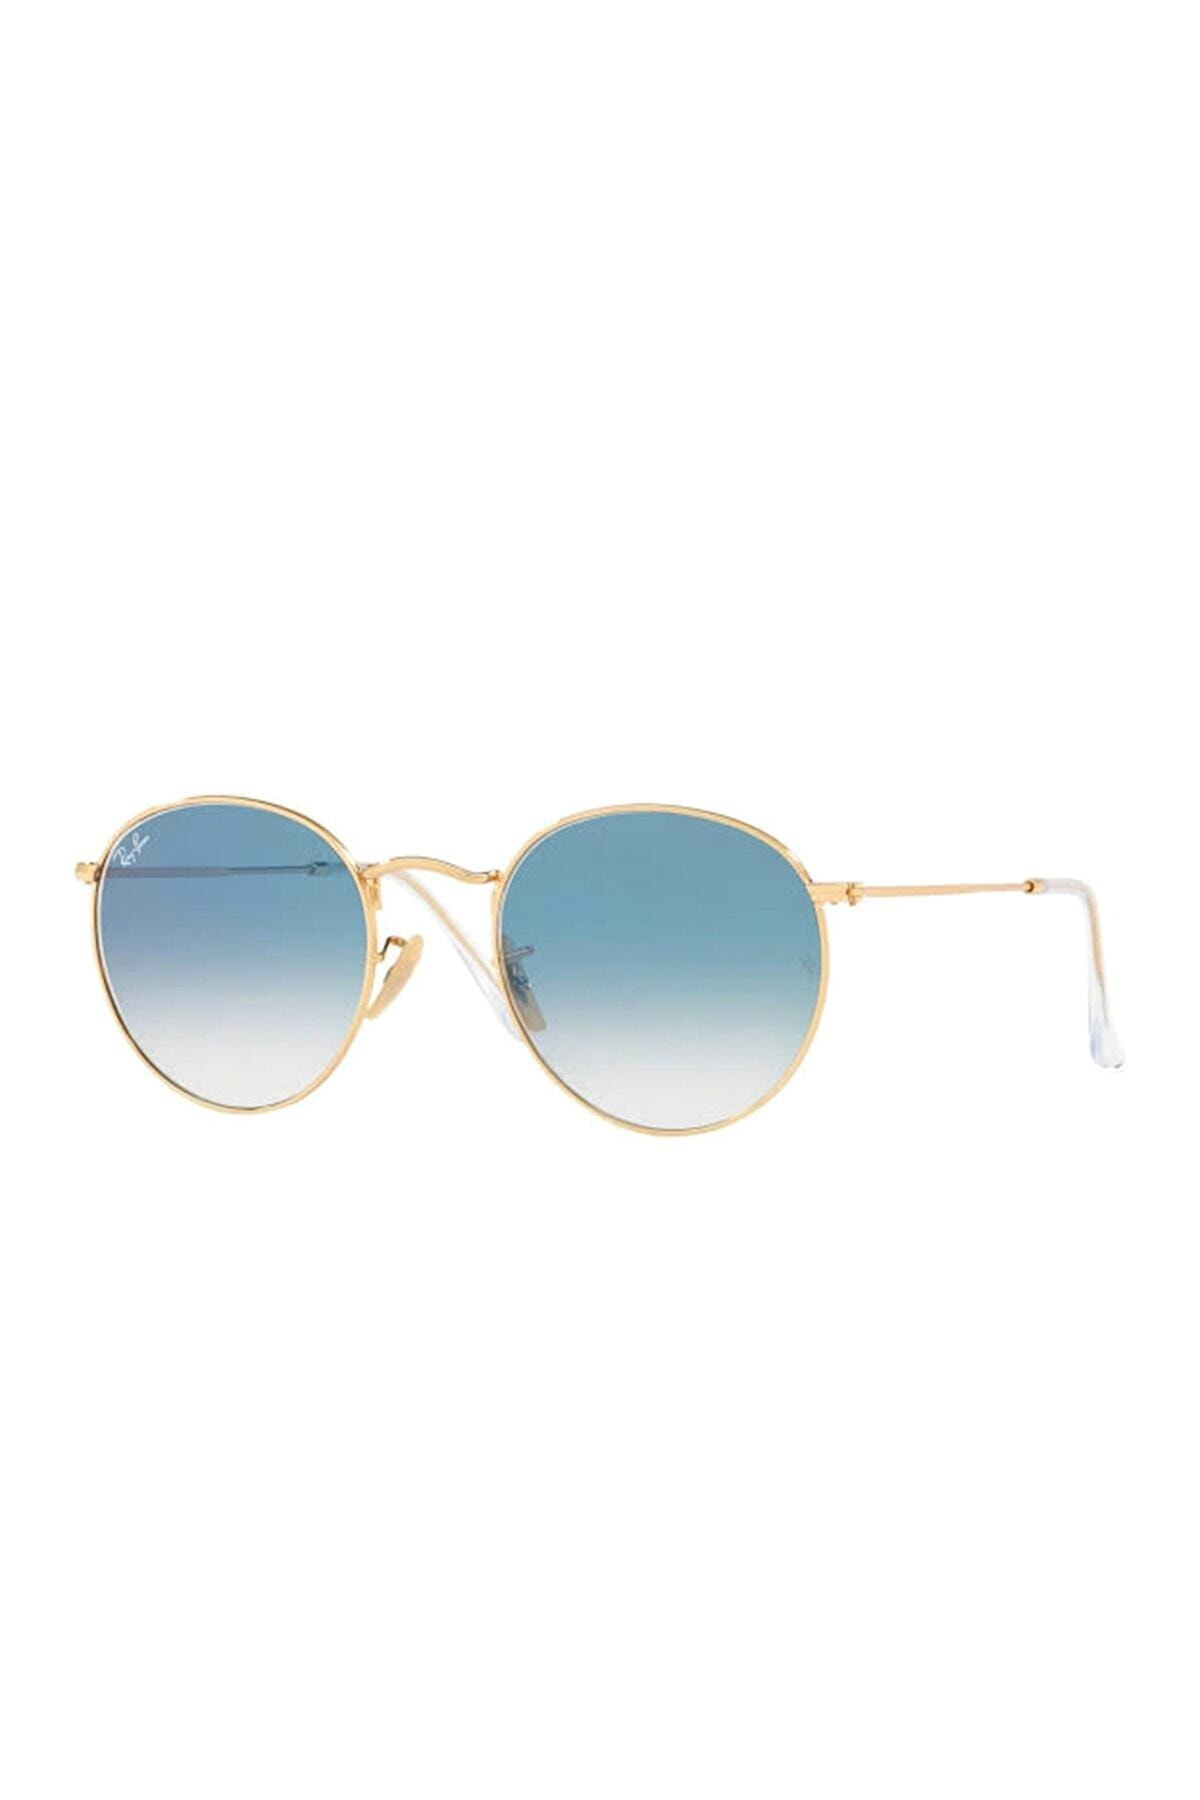 عینک دودی اسپرت ارزان برند ری بن رنگ طلایی ty35005776